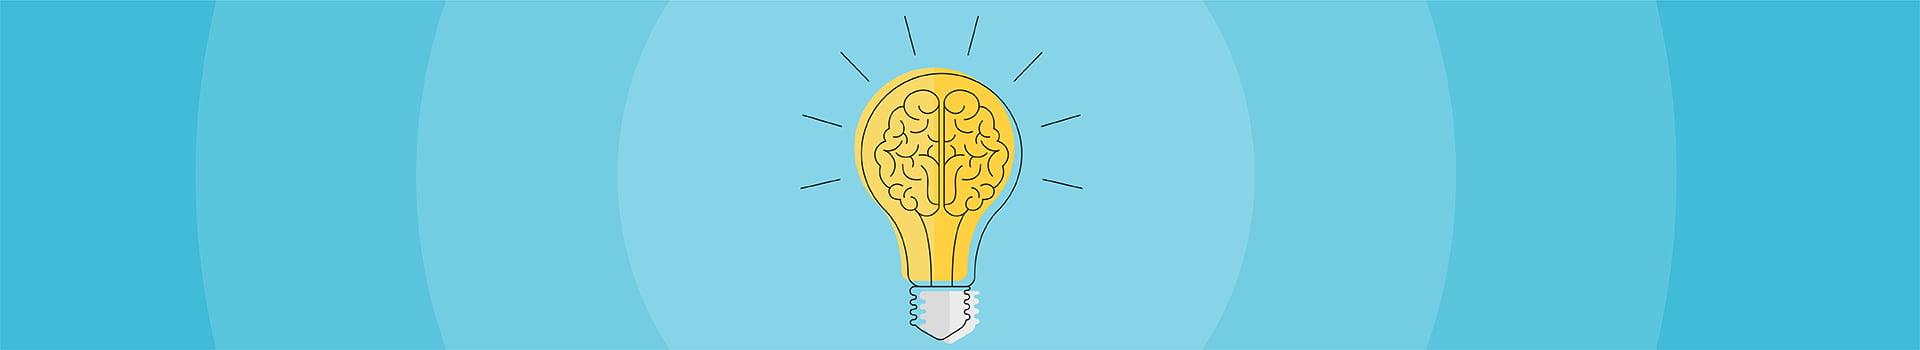 Agile-Learning